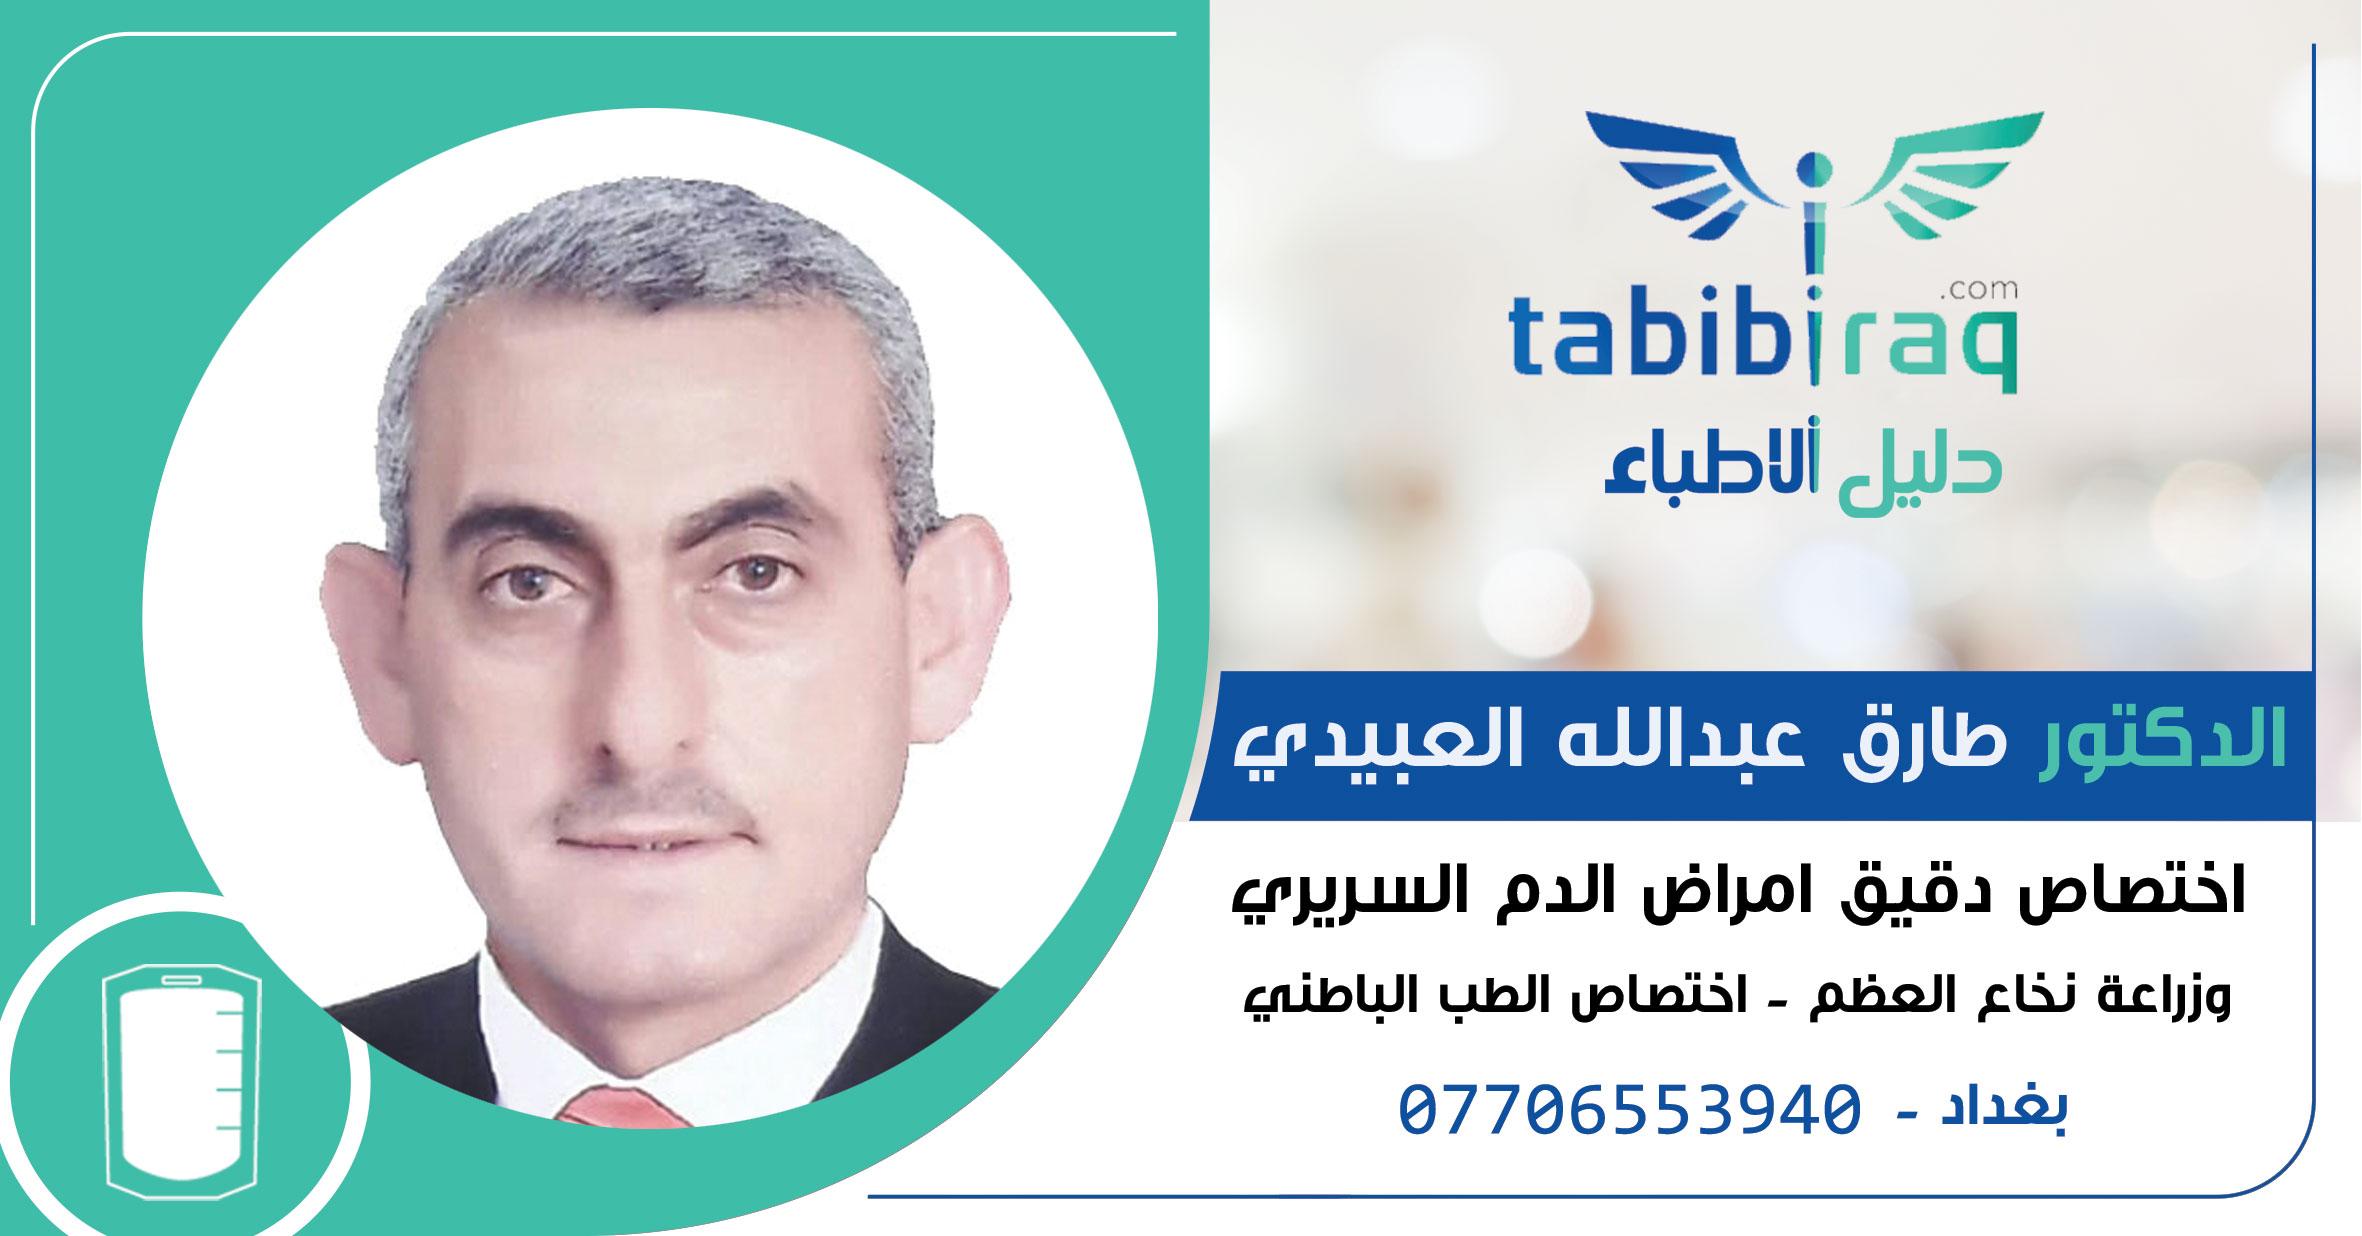 الدكتور طارق عبدالله العبيدي